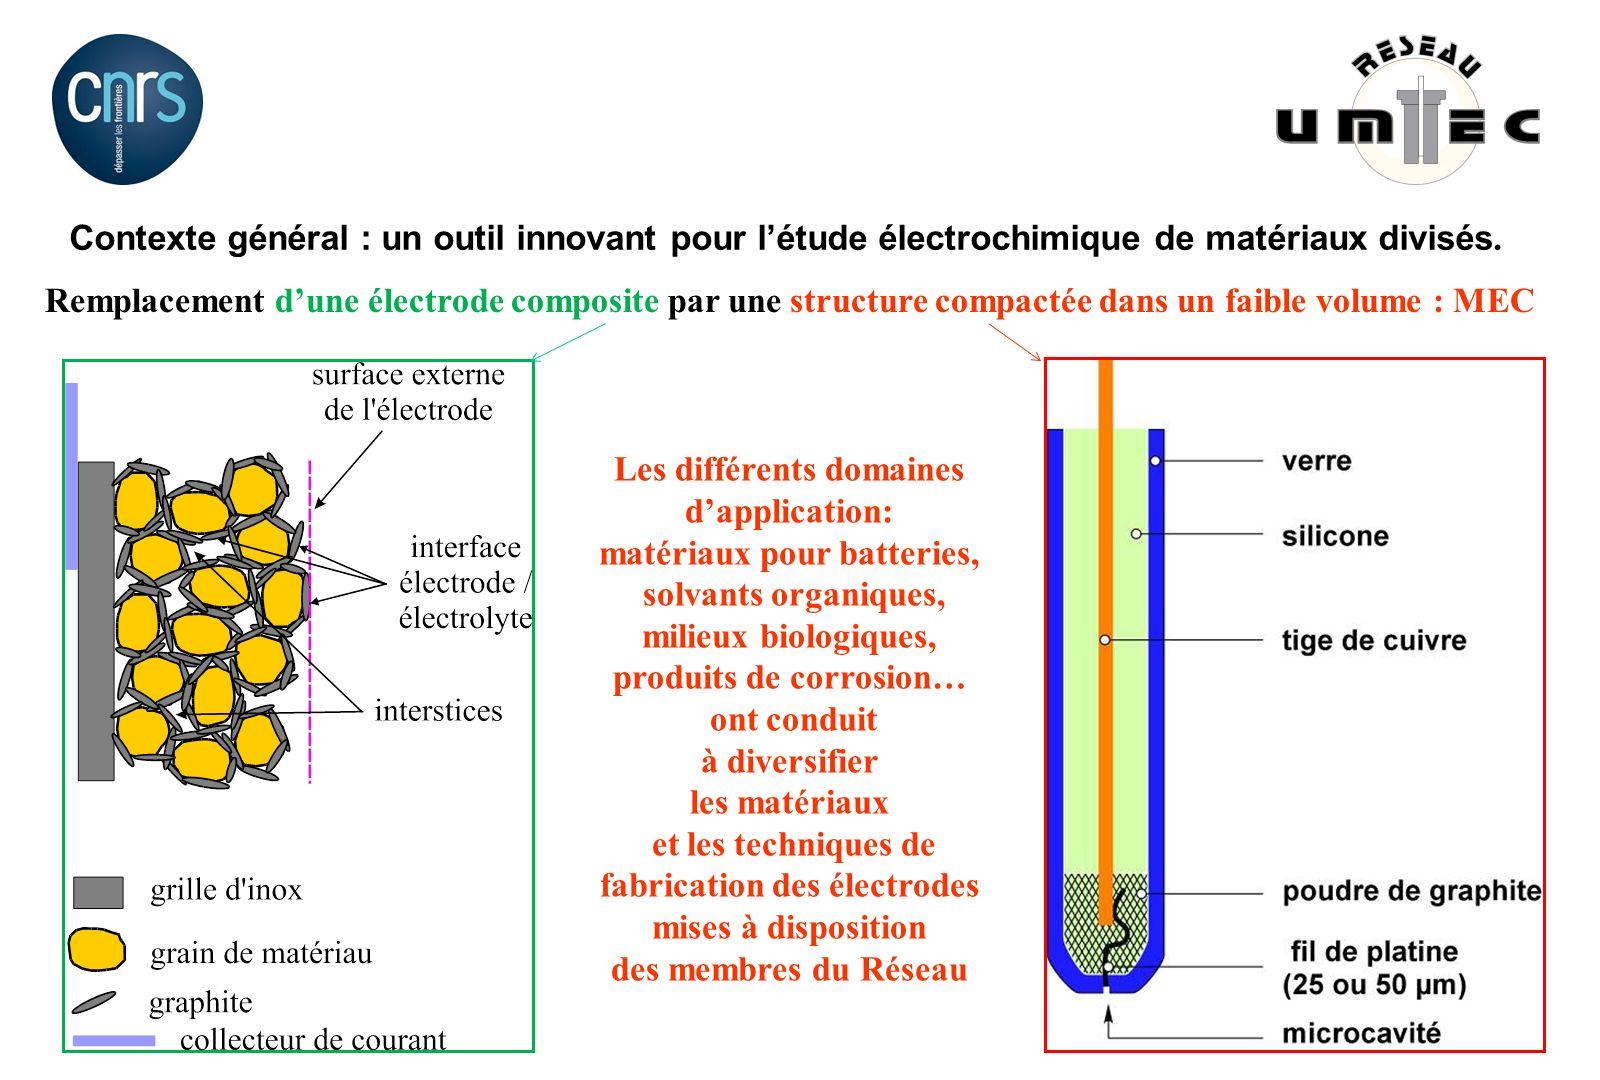 Contexte général : un outil innovant pour létude électrochimique de matériaux divisés. Remplacement dune électrode composite par une structure compact